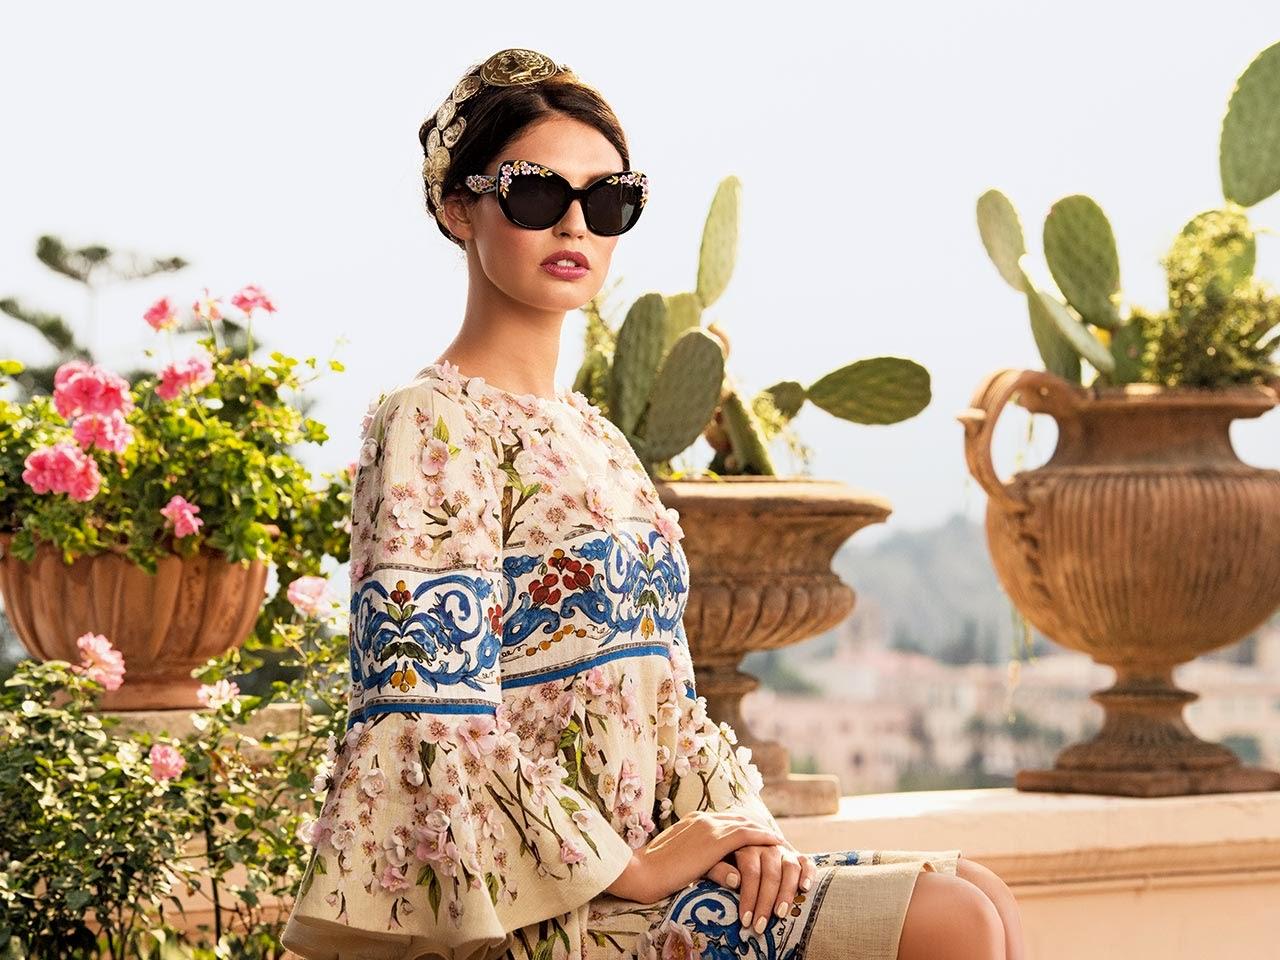 38d189a4f7 Mosaico, la edición limitada de gafas de sol de Dolce & Gabbana, combina  tradición y color y crea monturas embellecidas con el precioso cristal  cuajado de ...